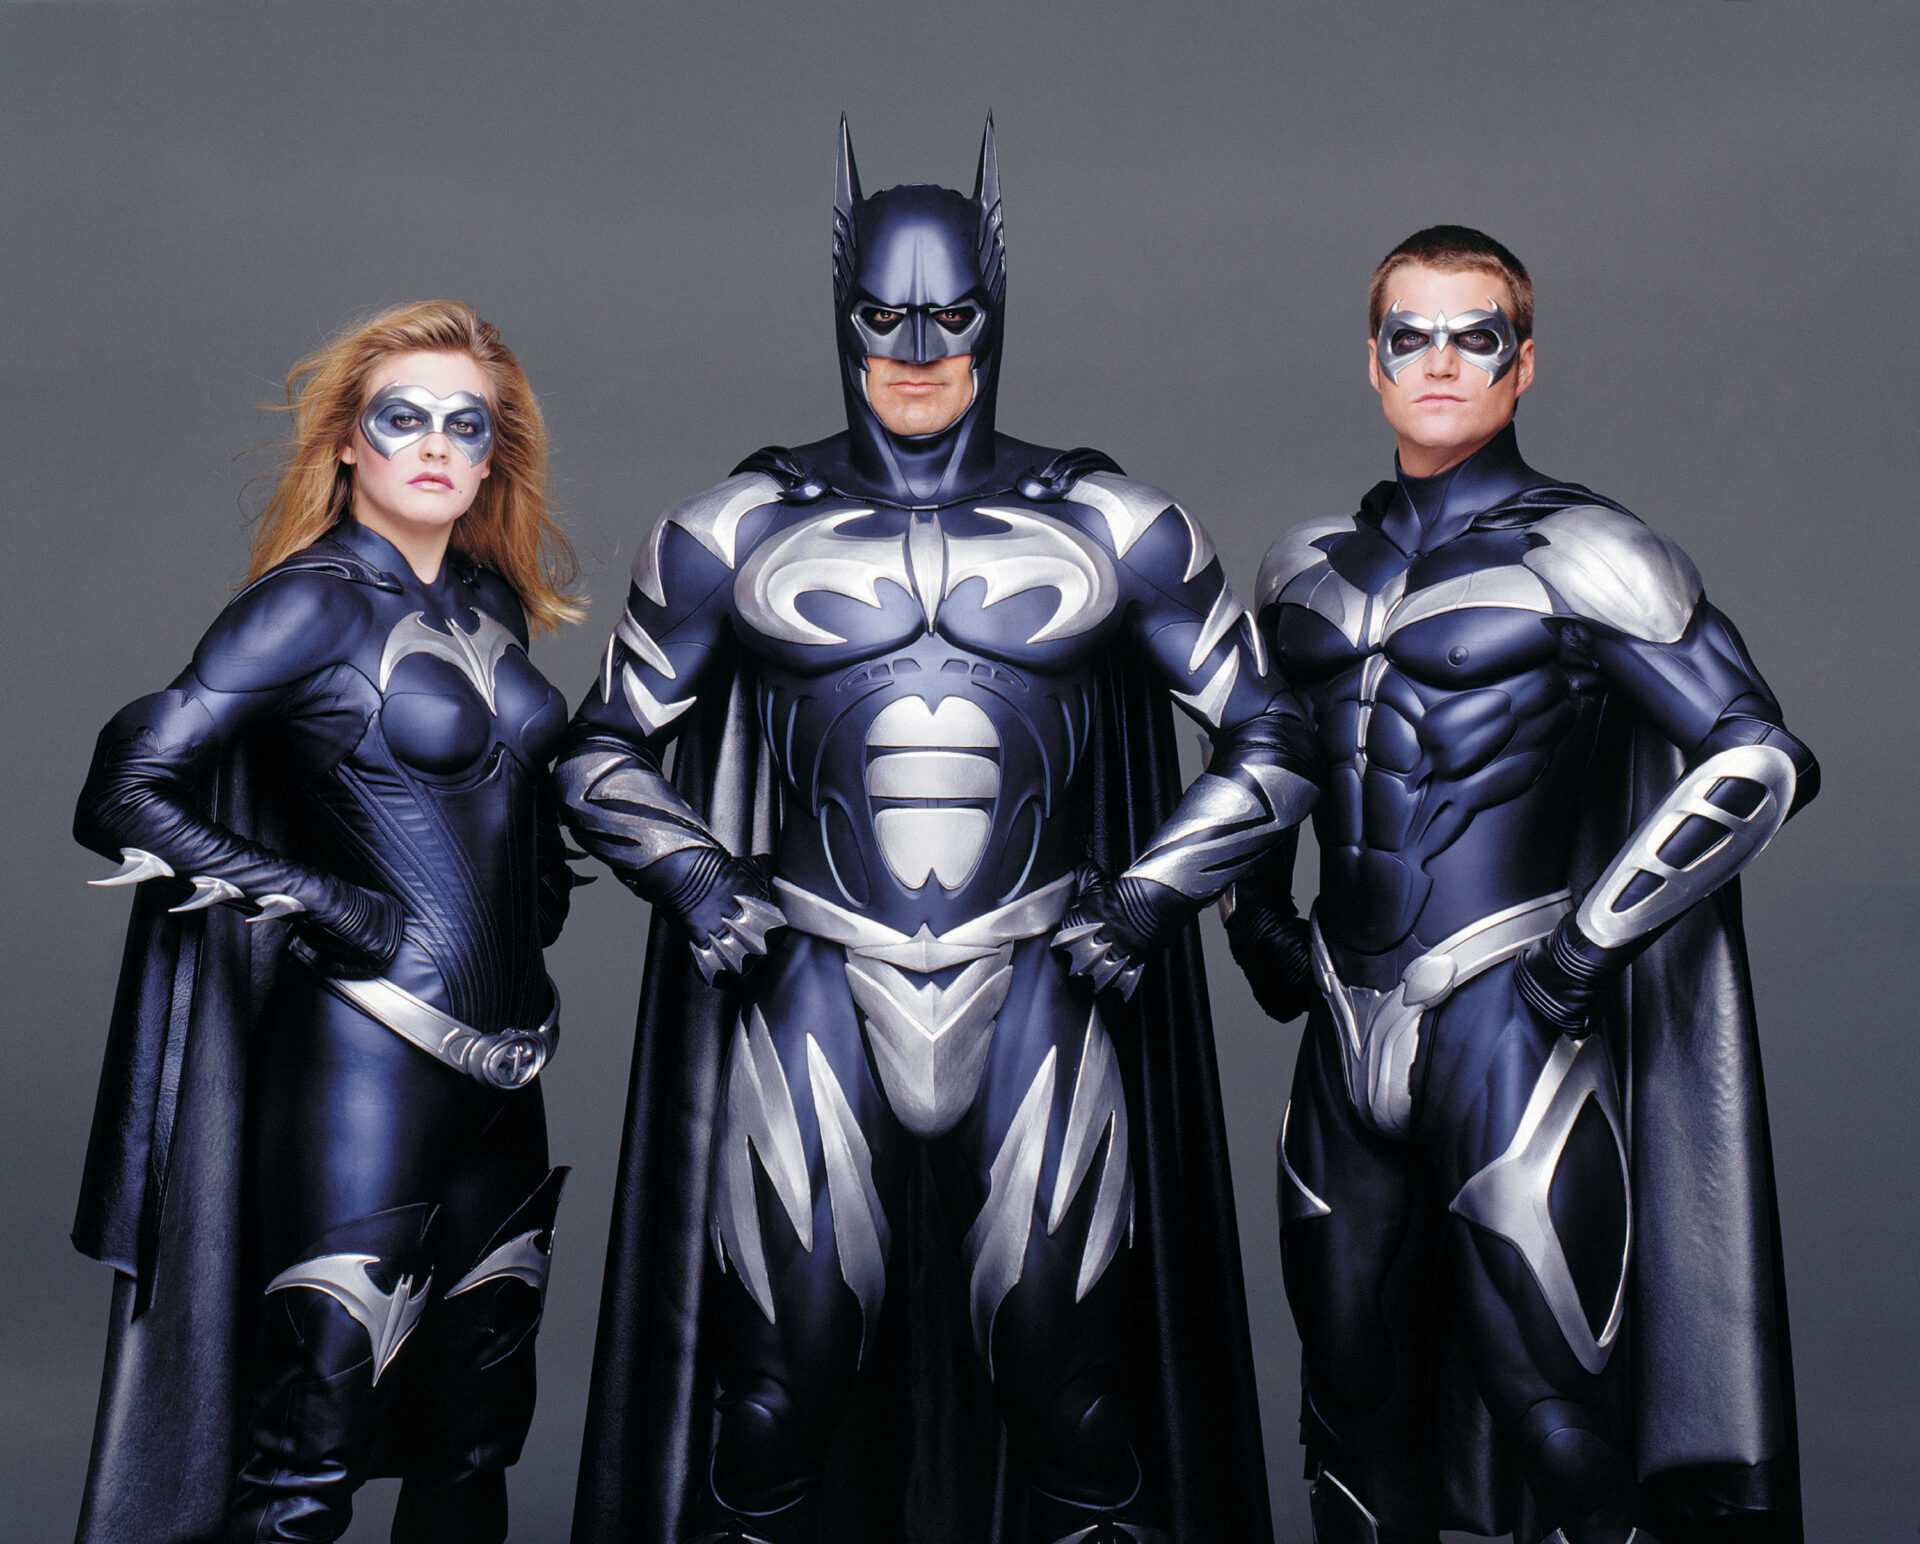 Il mito di Batman torna in tv: 5 pellicole in onda ogni venerdì su Sky Cinema | Digitale terrestre: Dtti.it